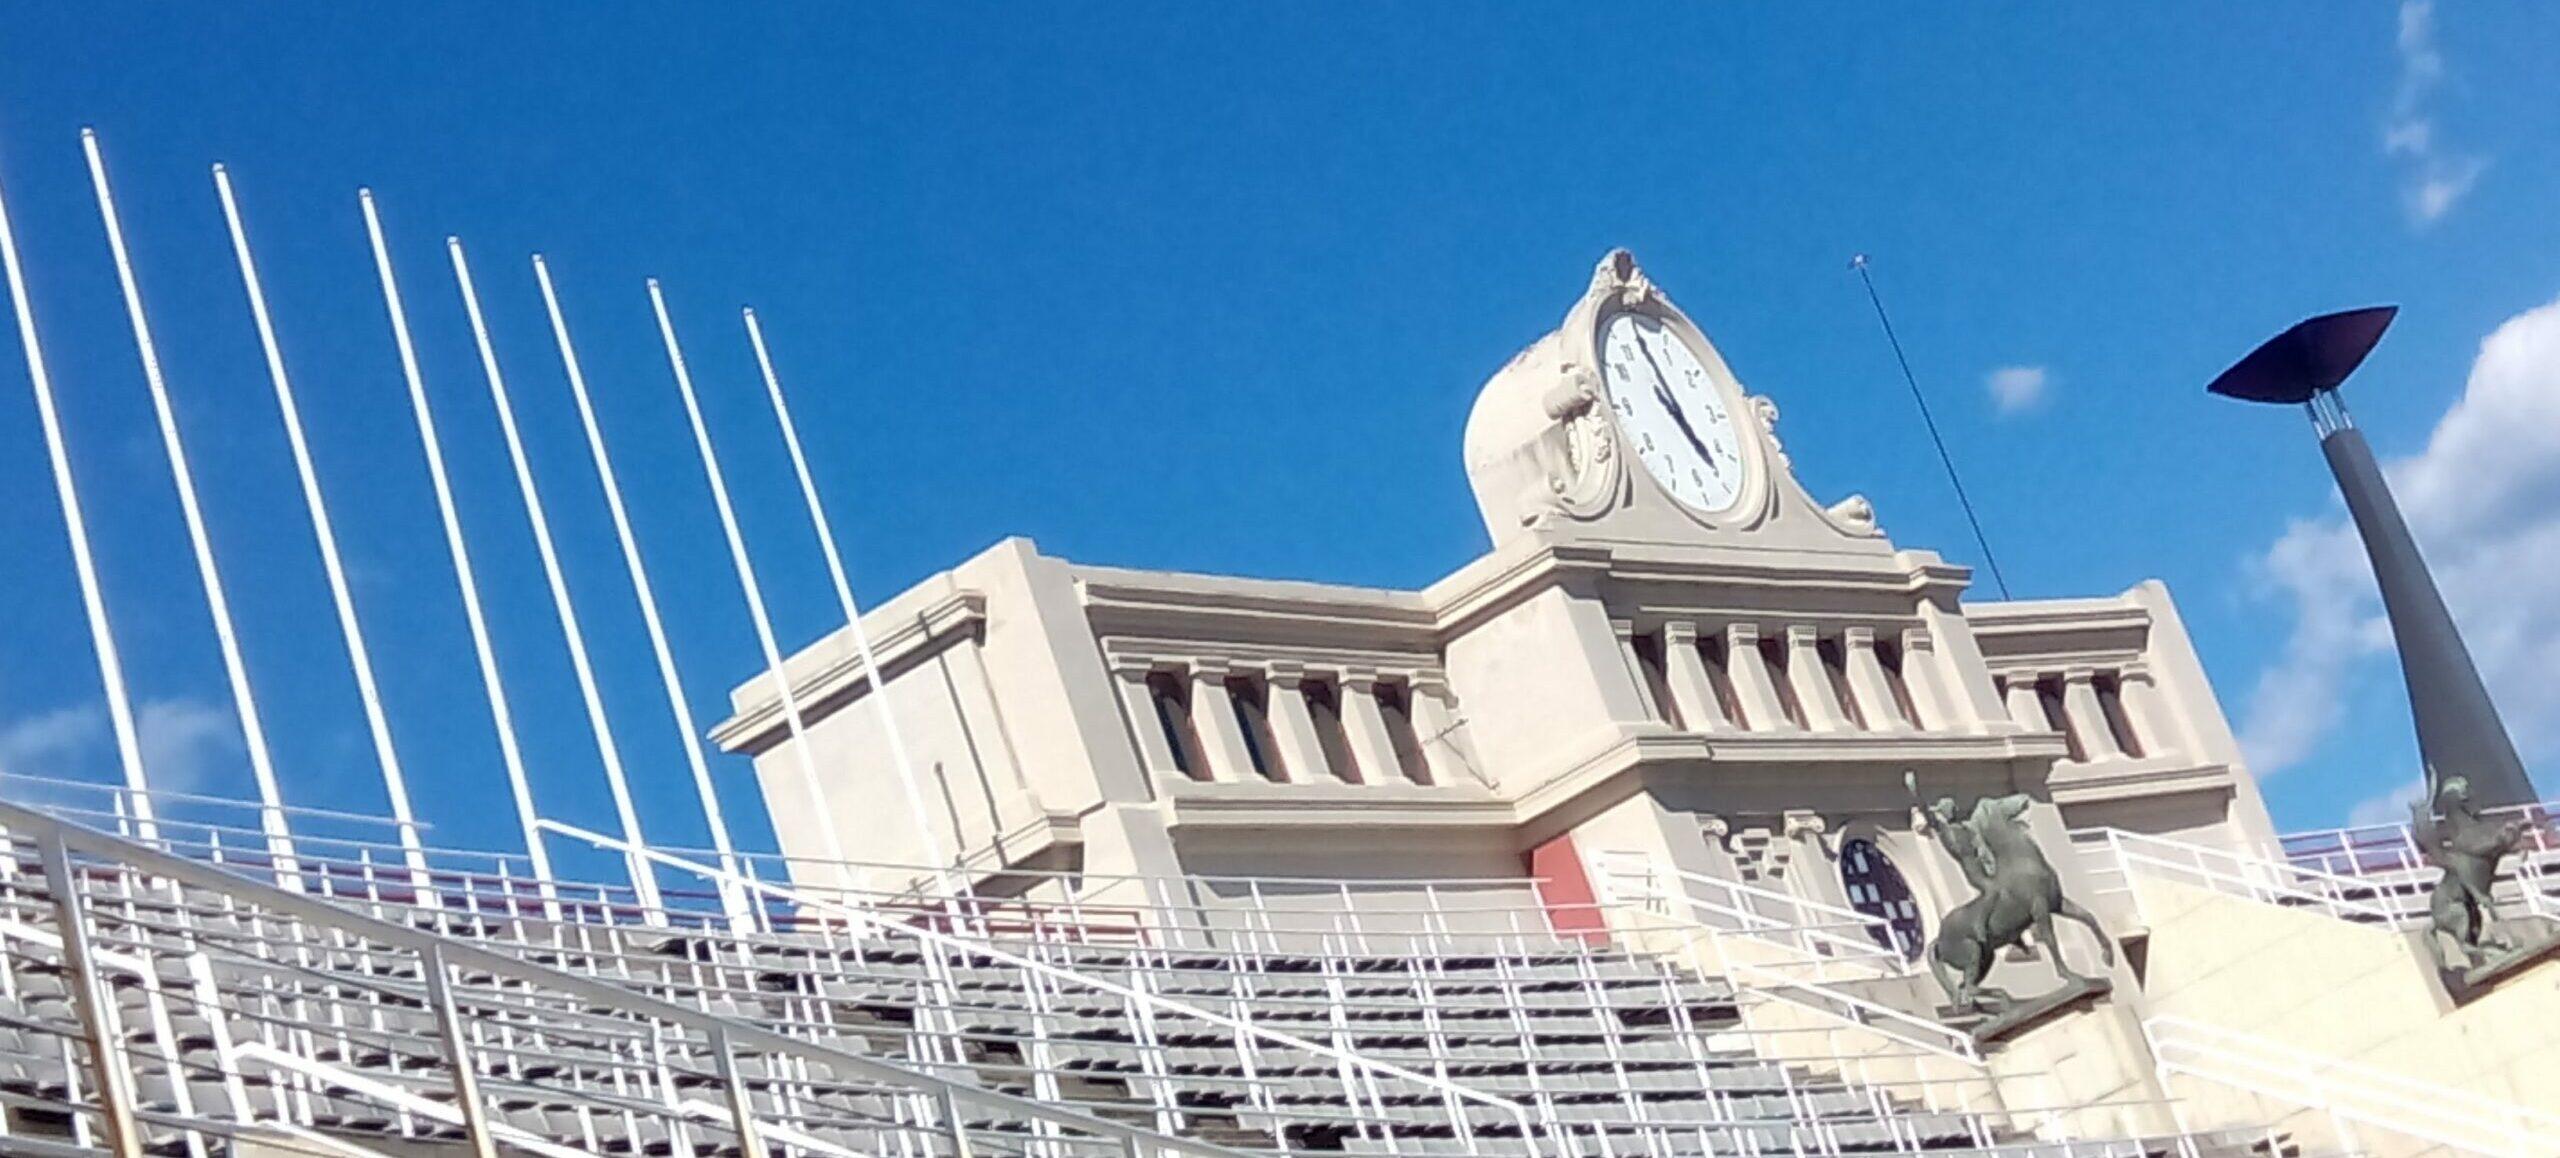 Rellotge de l'estadi olímpic Lluís Companys, en una imatge d'arxiu / MMP